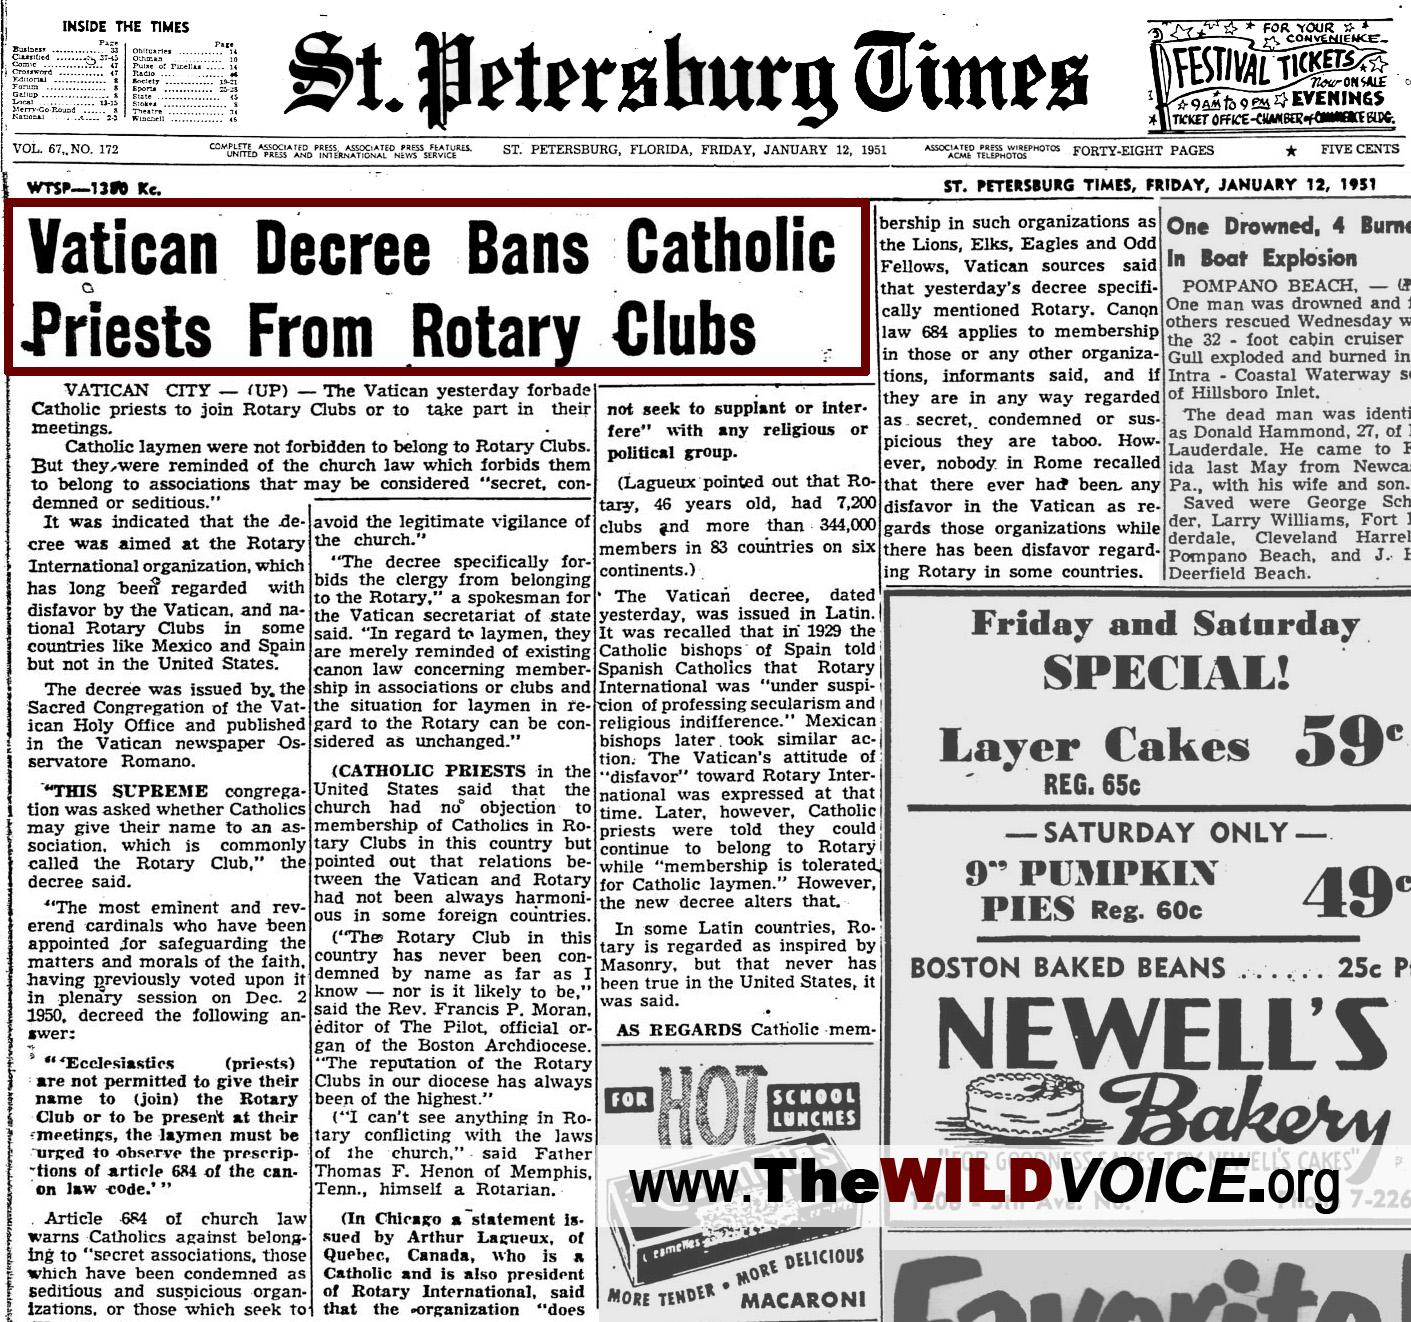 Vatican Decree